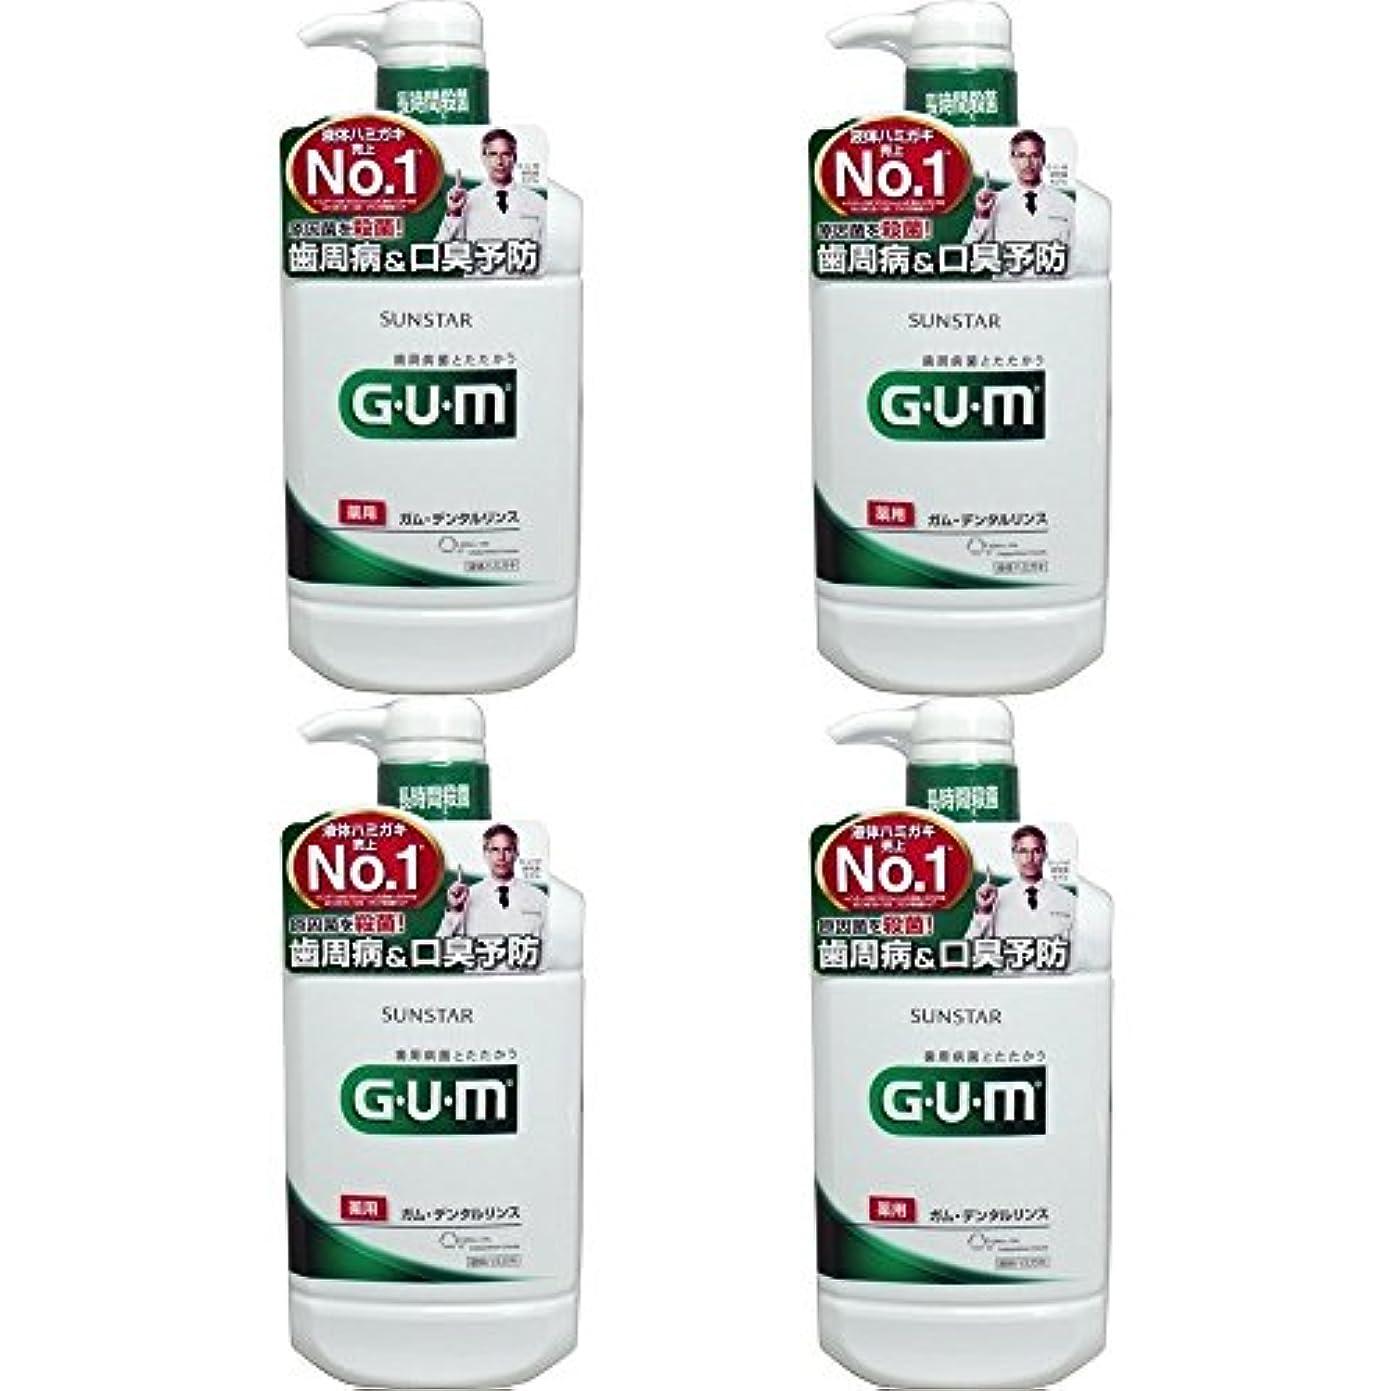 発明糞没頭する【セット品】GUM(ガム)?デンタルリンス (レギュラータイプ) 960mL (医薬部外品) (4個)